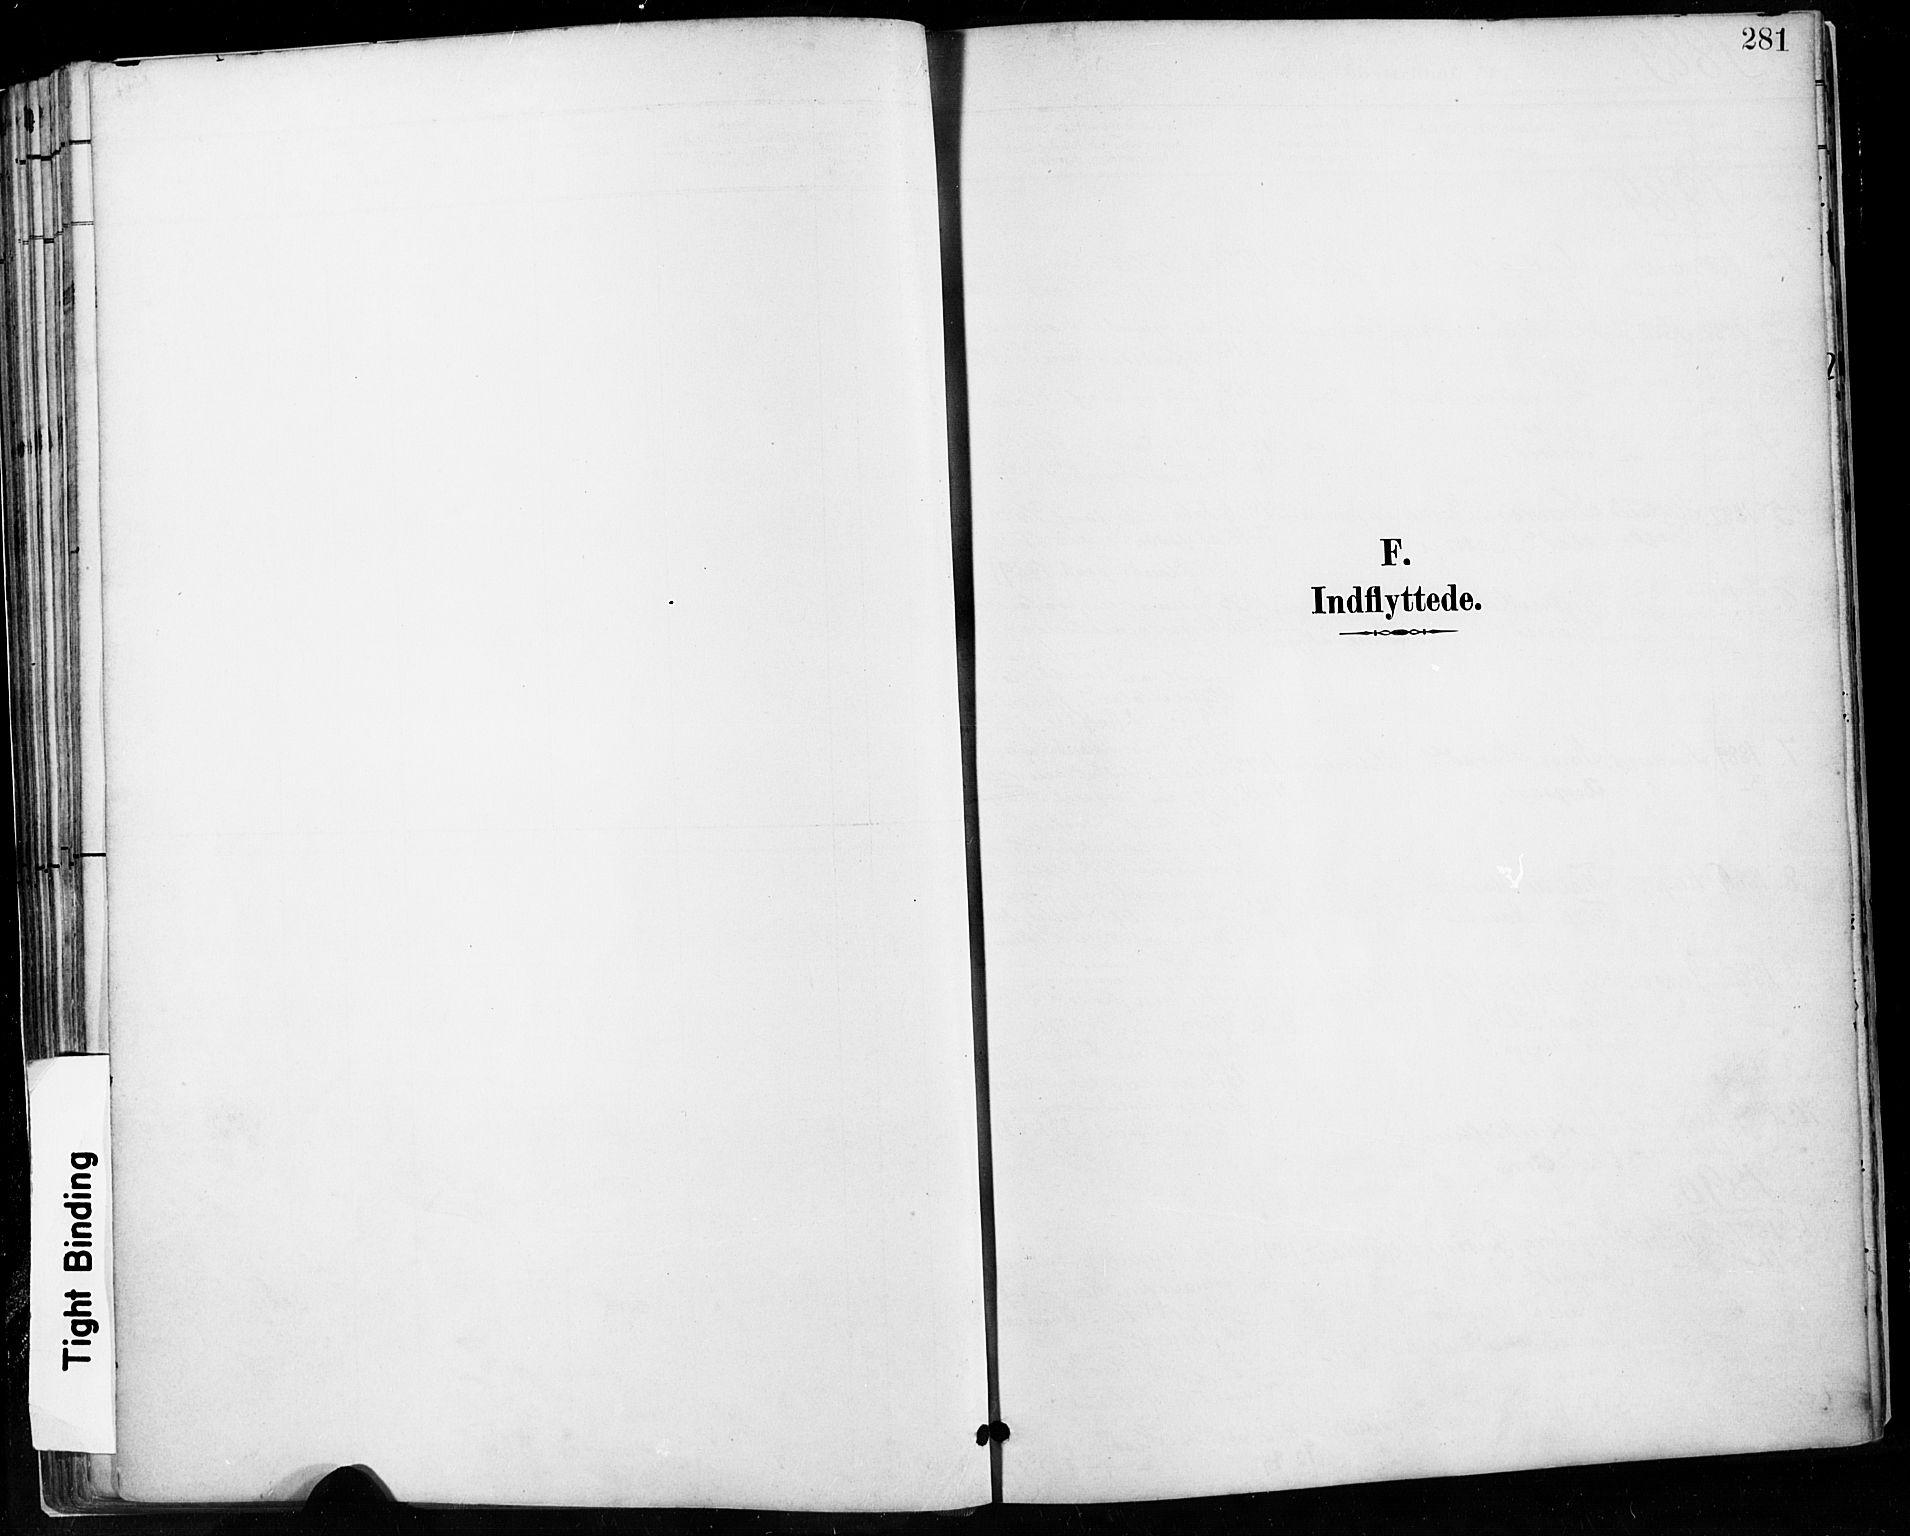 SAST, Høyland sokneprestkontor, 30BA/L0013: Parish register (official) no. A 13.2, 1889-1898, p. 281